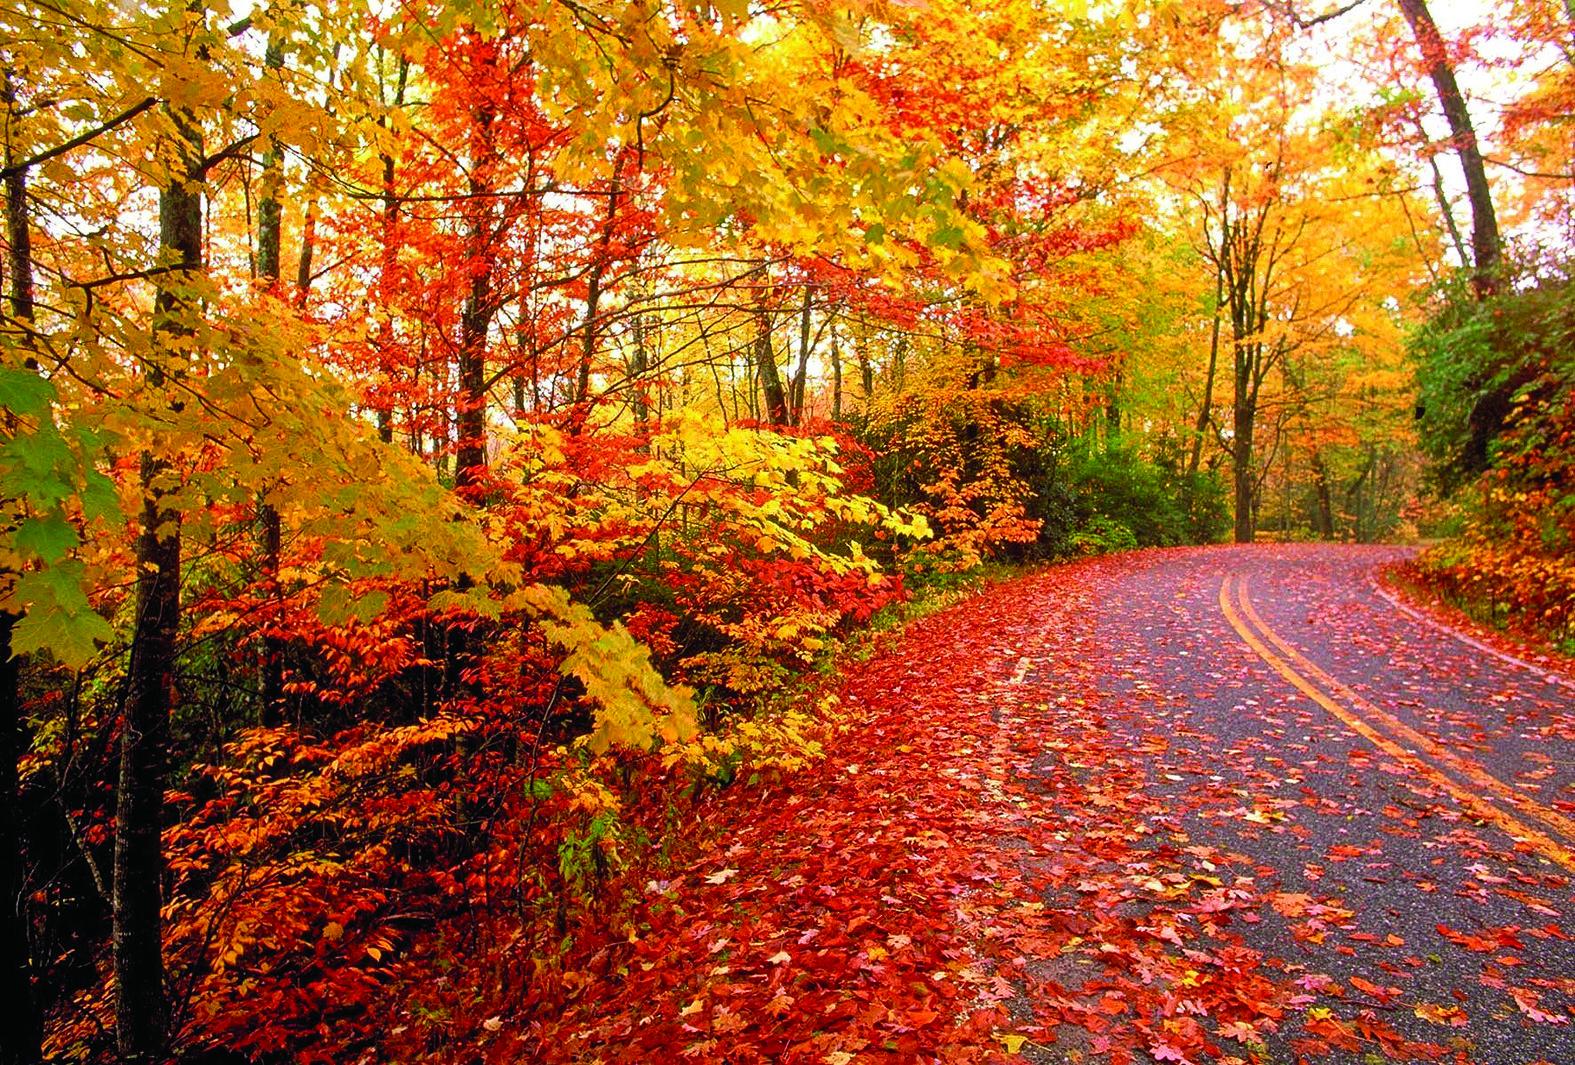 أوراق كبحر من الألوان عندما تستعد الأشجار لفصل الشتاء Sadaalwatan